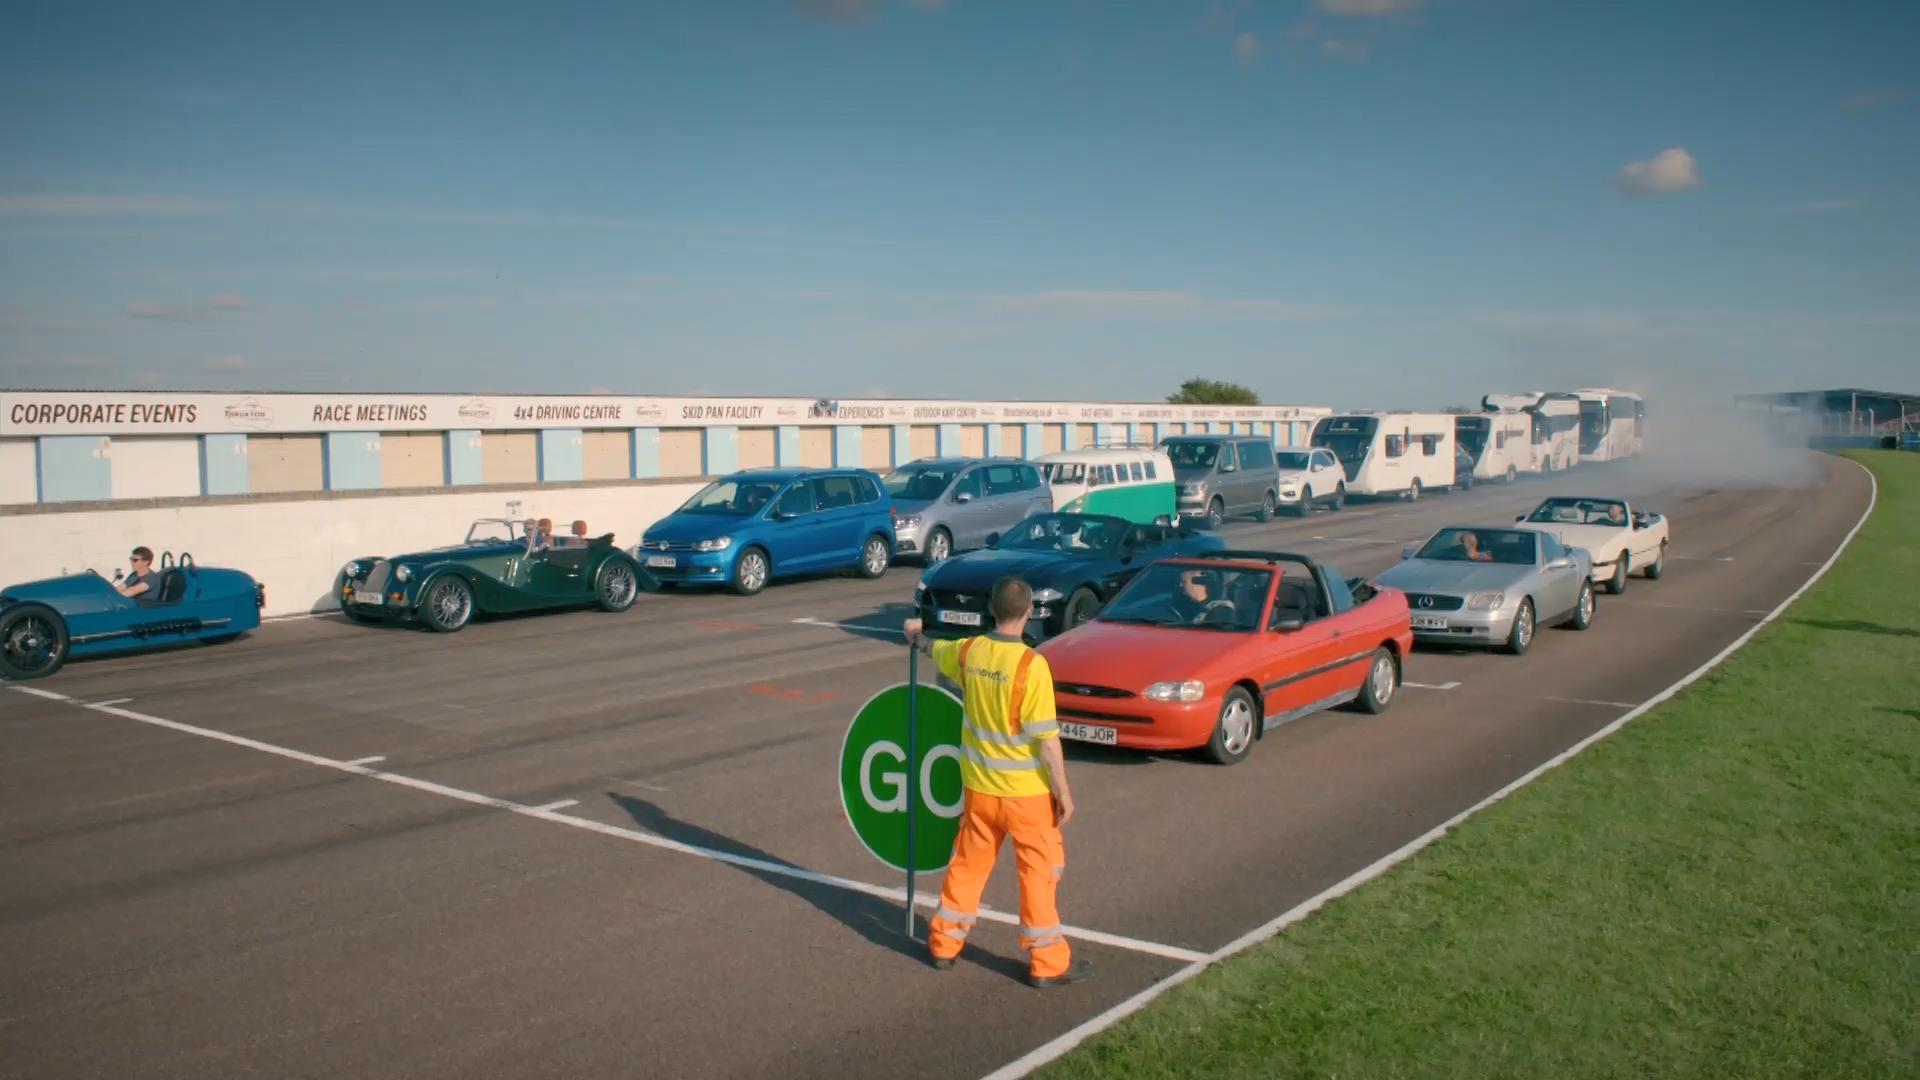 Изображение для Топ Гир / Top Gear, Сезон 28, Выпуск 1-6 из 6 (2020) HDTVRip 1080p (кликните для просмотра полного изображения)